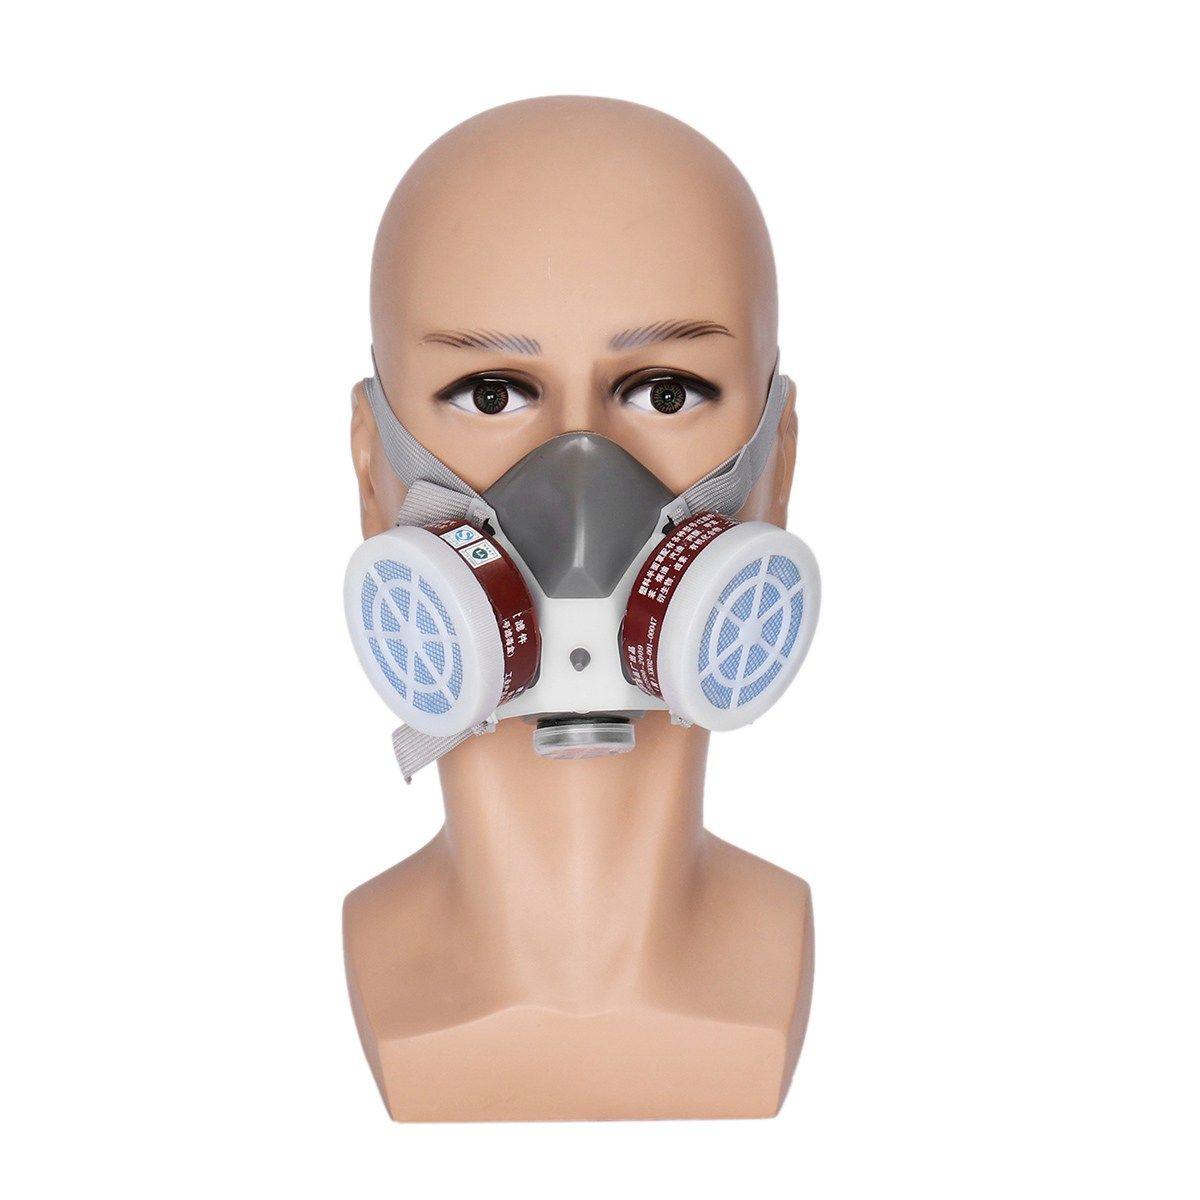 NEUE Safurance Atemschutzmaske Gasmaske Sicherheit Chemical Staubfilter Military Arbeitssicherheit Schutz Anti Staub